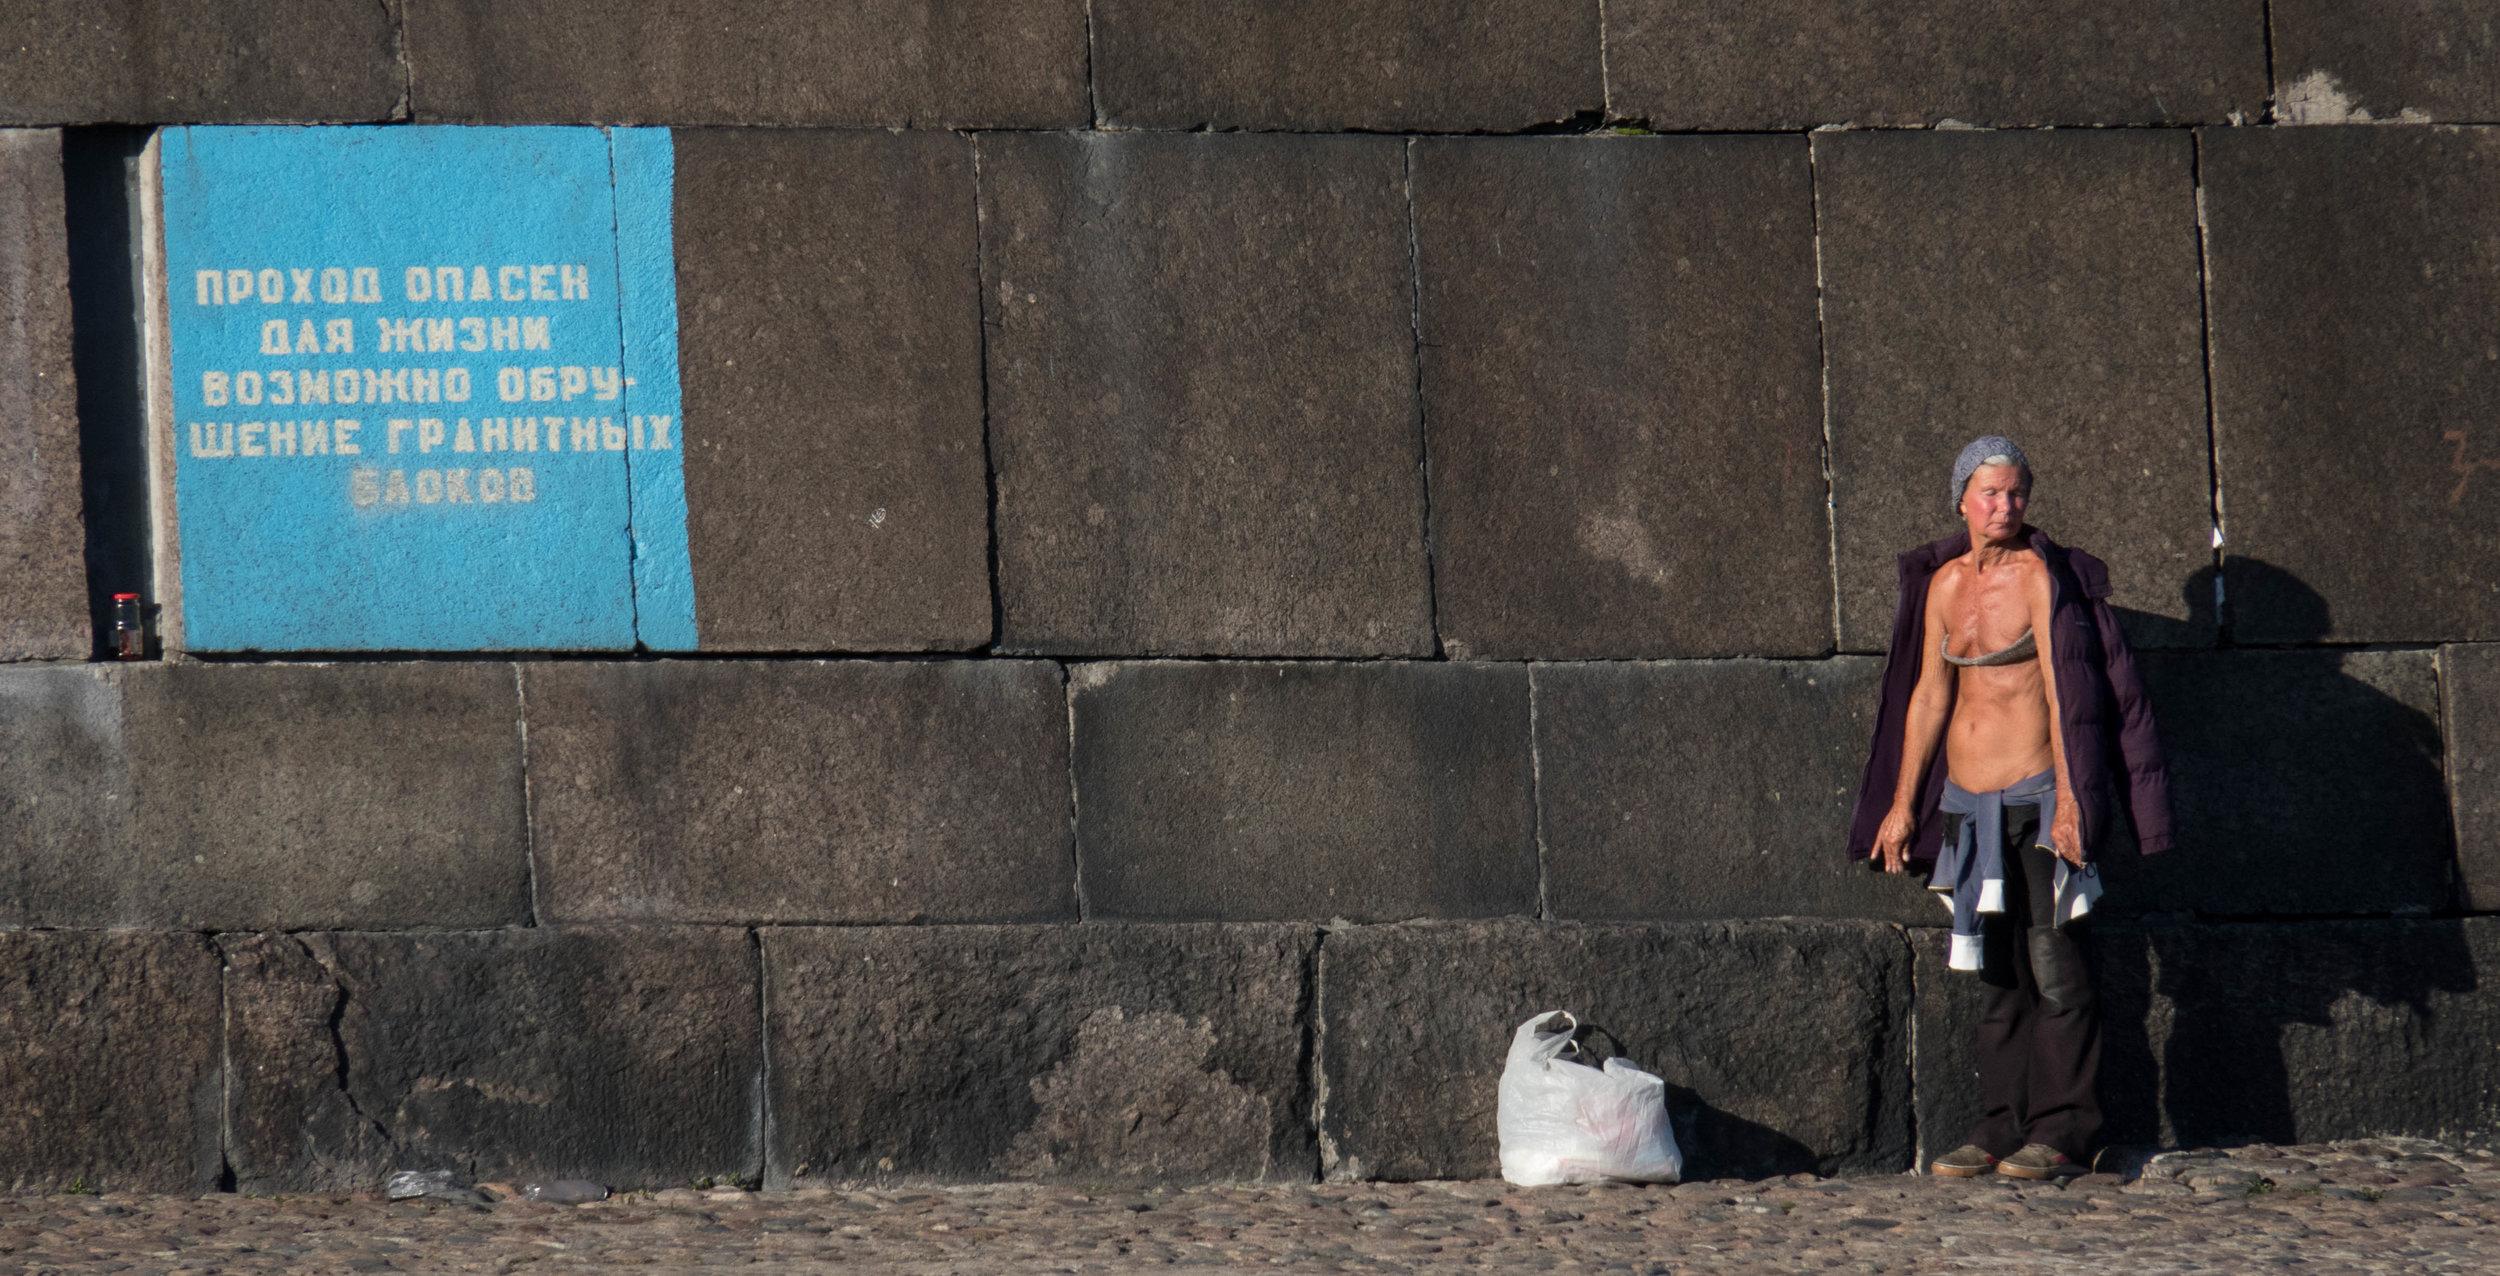 Zonnebaden bij +4 (of -4)is op dit plekje onder muur van de Petrus-en-Paulusvesting niet ongebruikelijk. Het opschrift links waarschuwt voor vallende granietblokken.